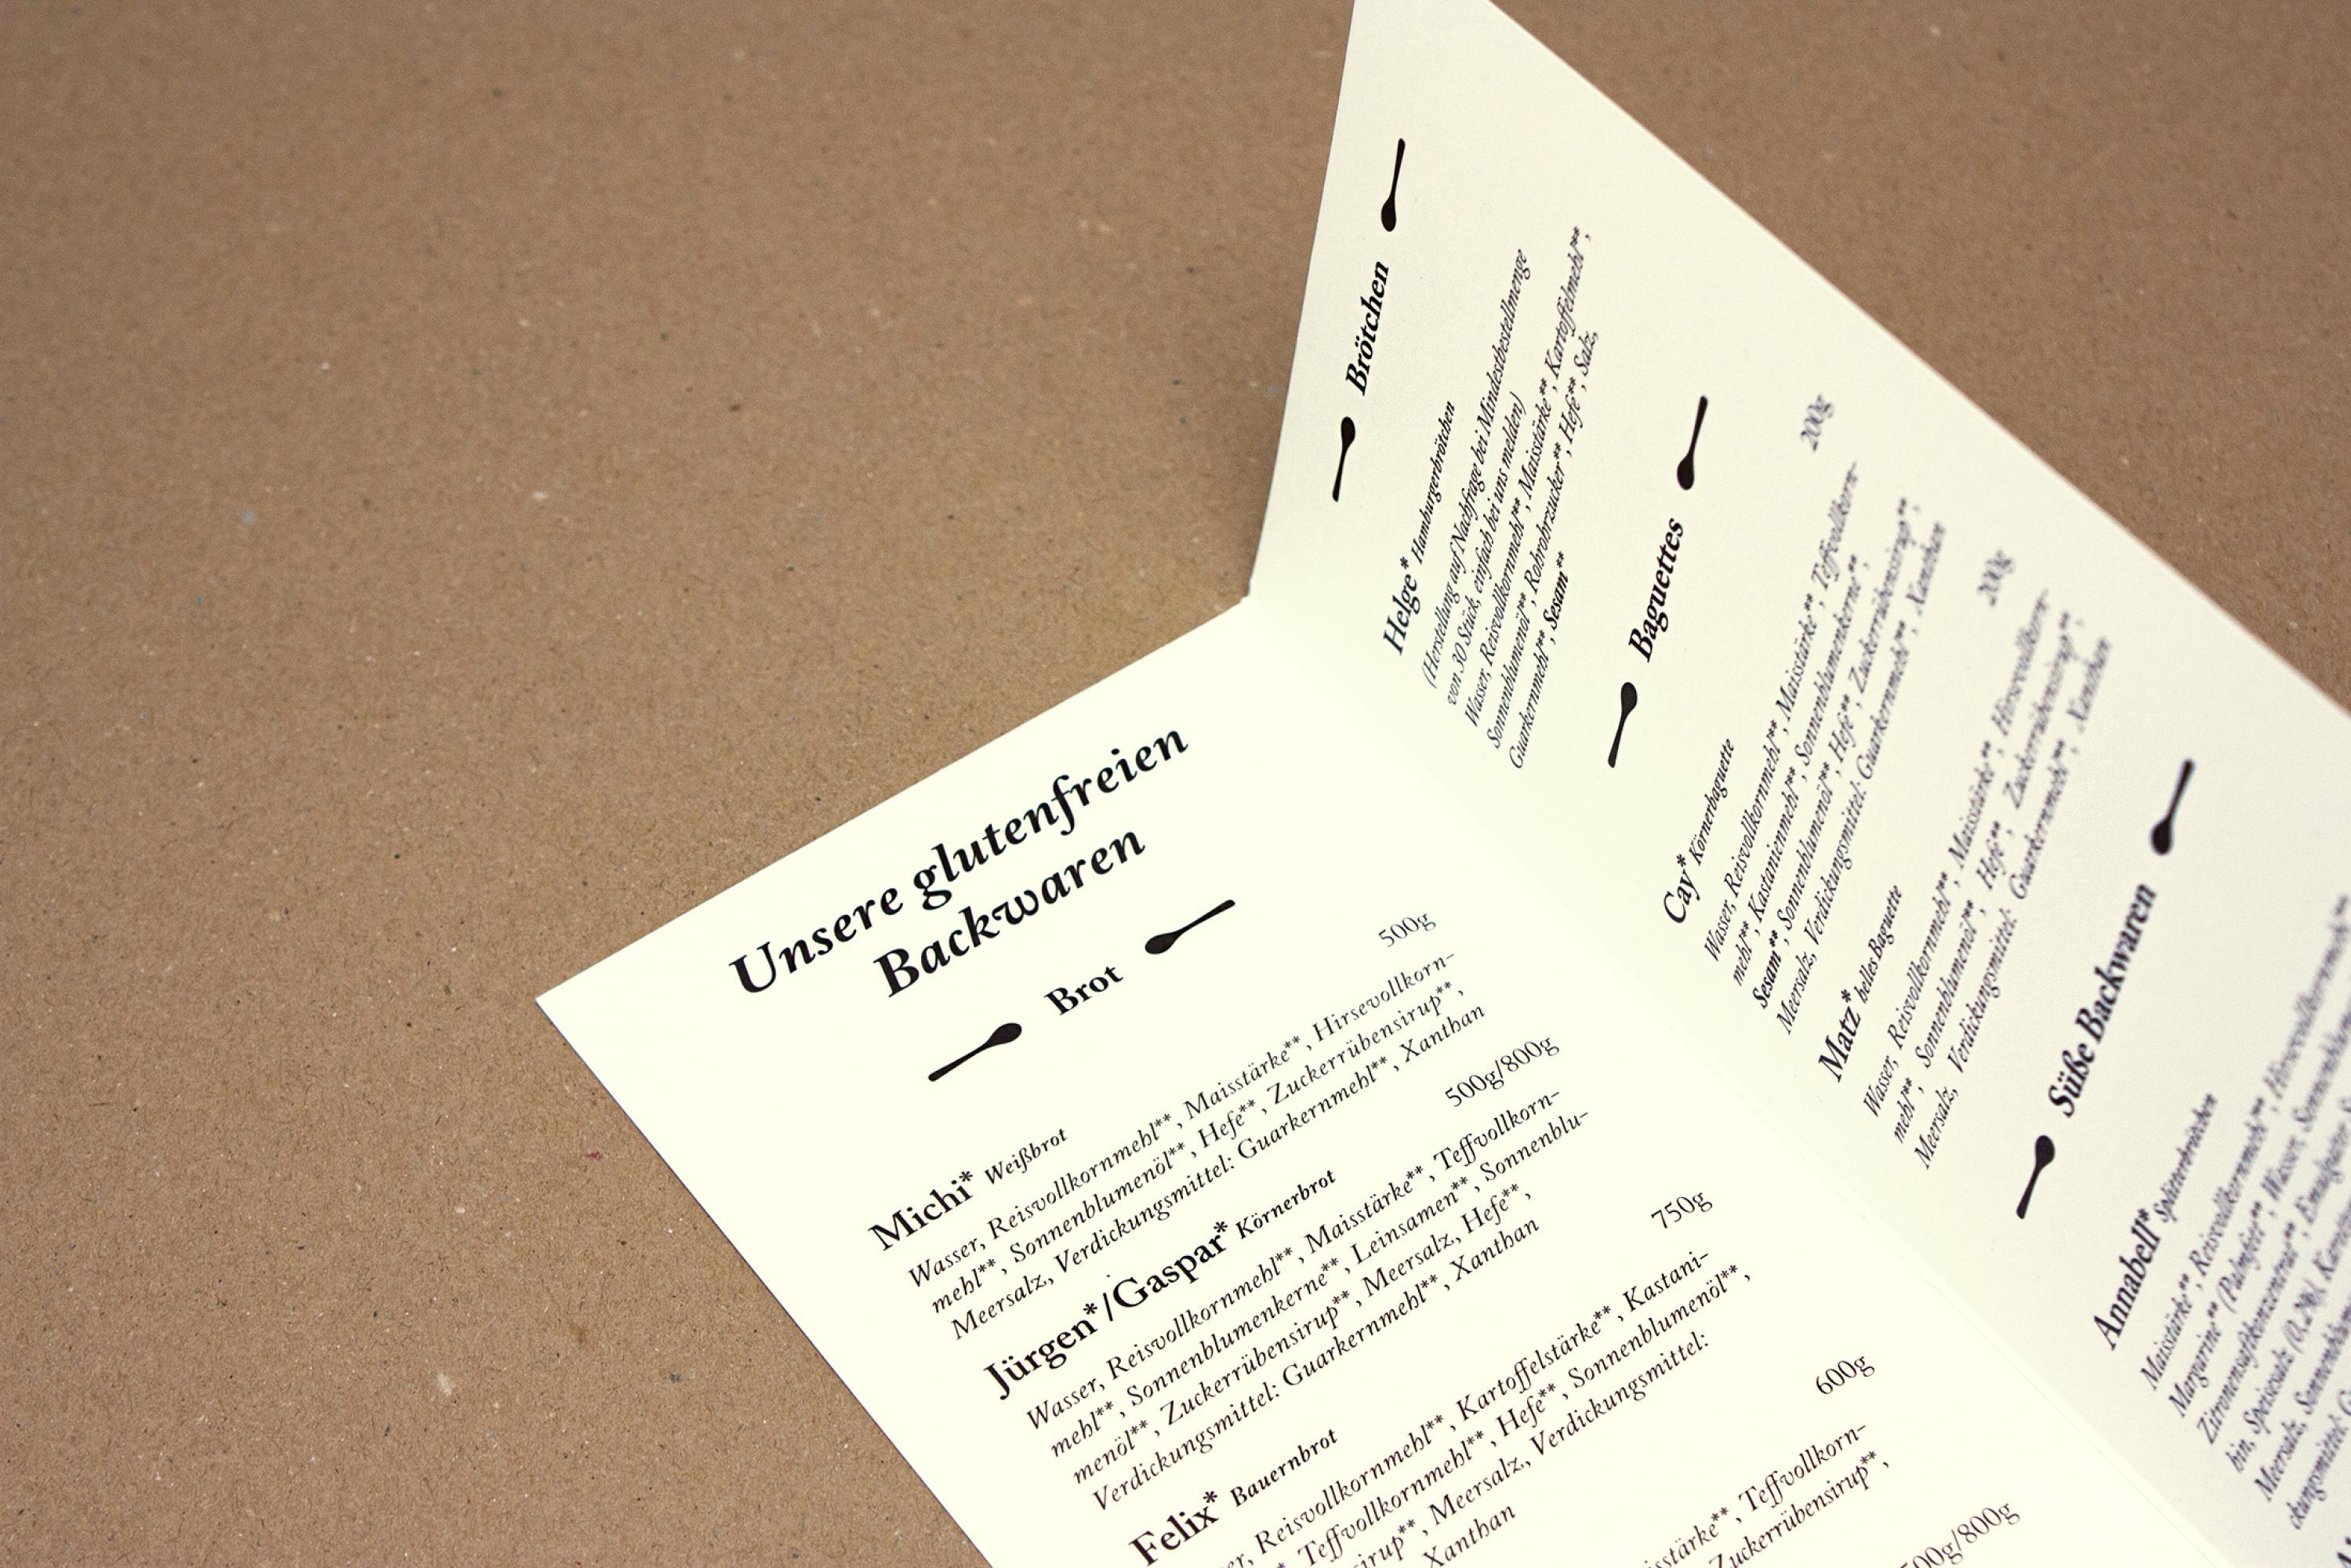 zutatenlise-jute-baeckerei-print-design-2-2